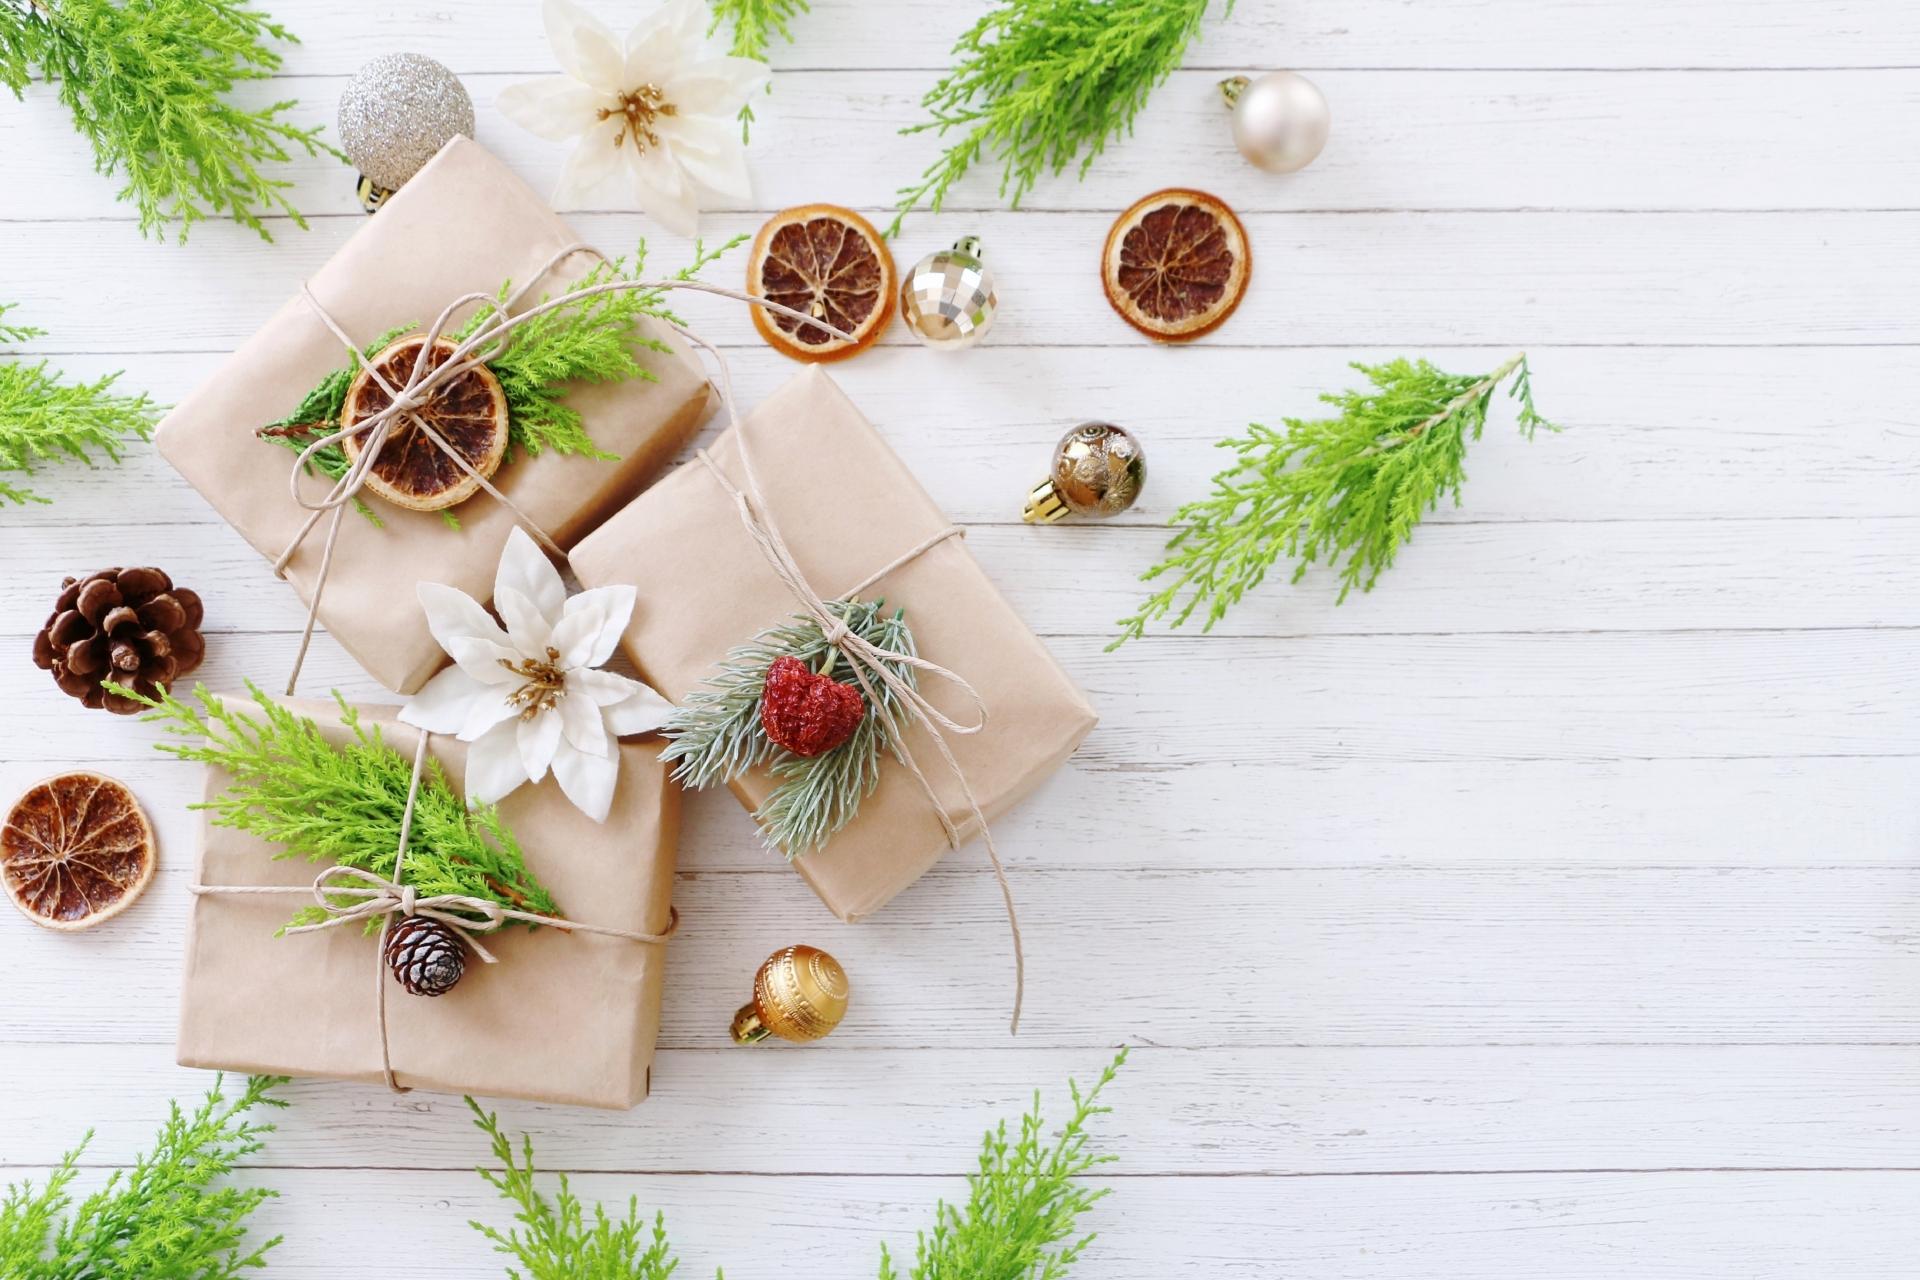 最小限の出費で喜んでもらえるプレゼントの選び方